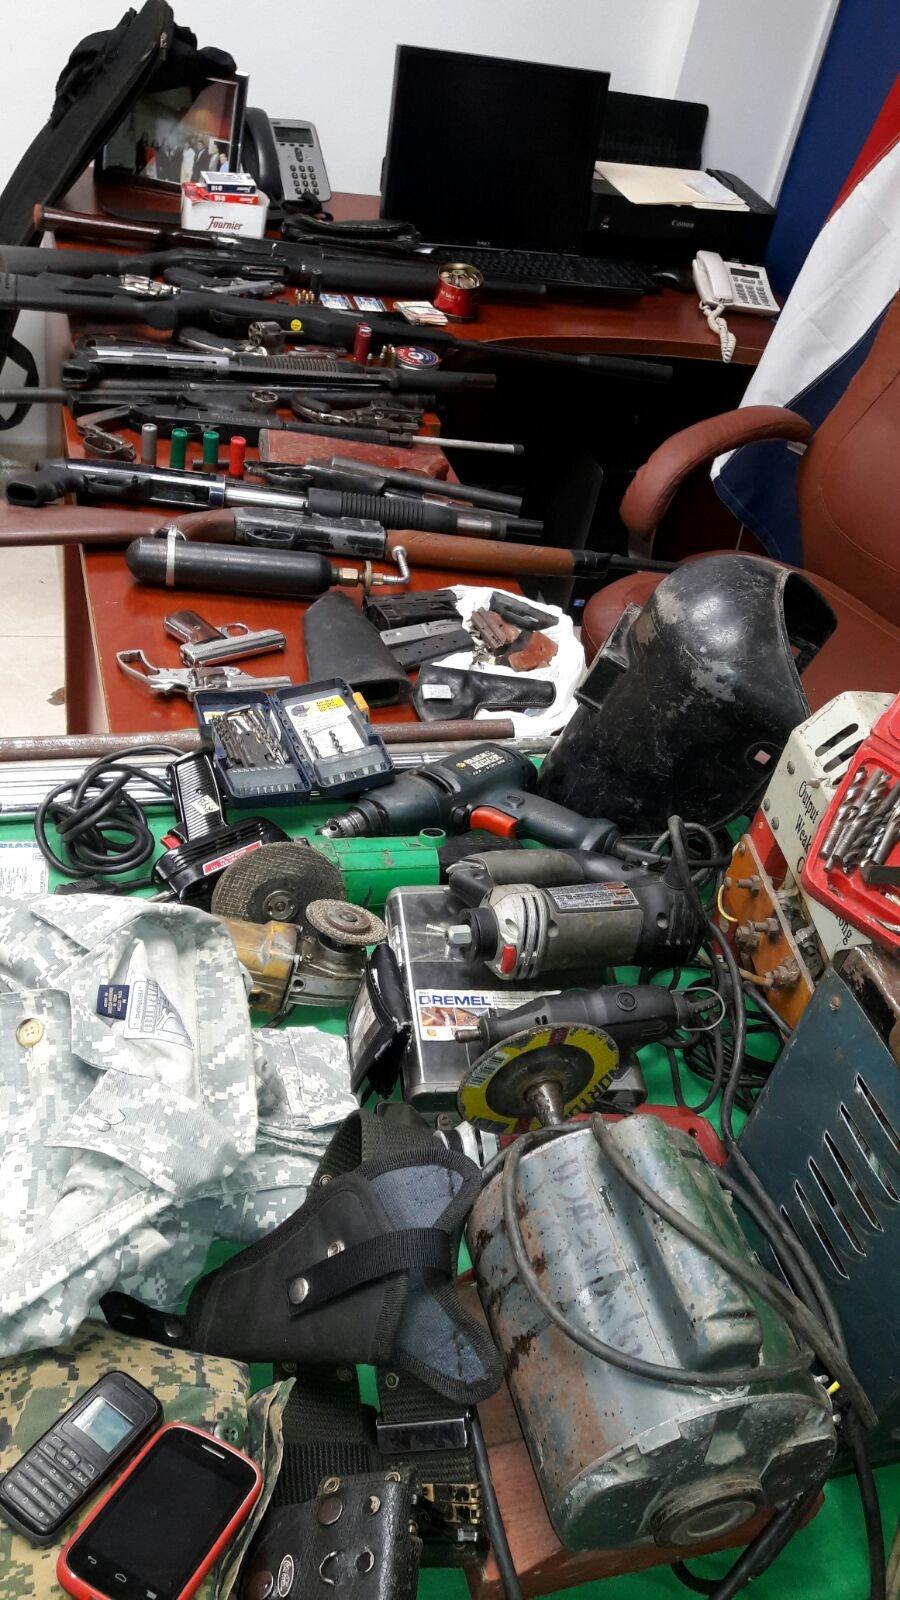 Valverde confiscan armas ilegales y arrestan cuatro for Porte y tenencia de armas de fuego en republica dominicana